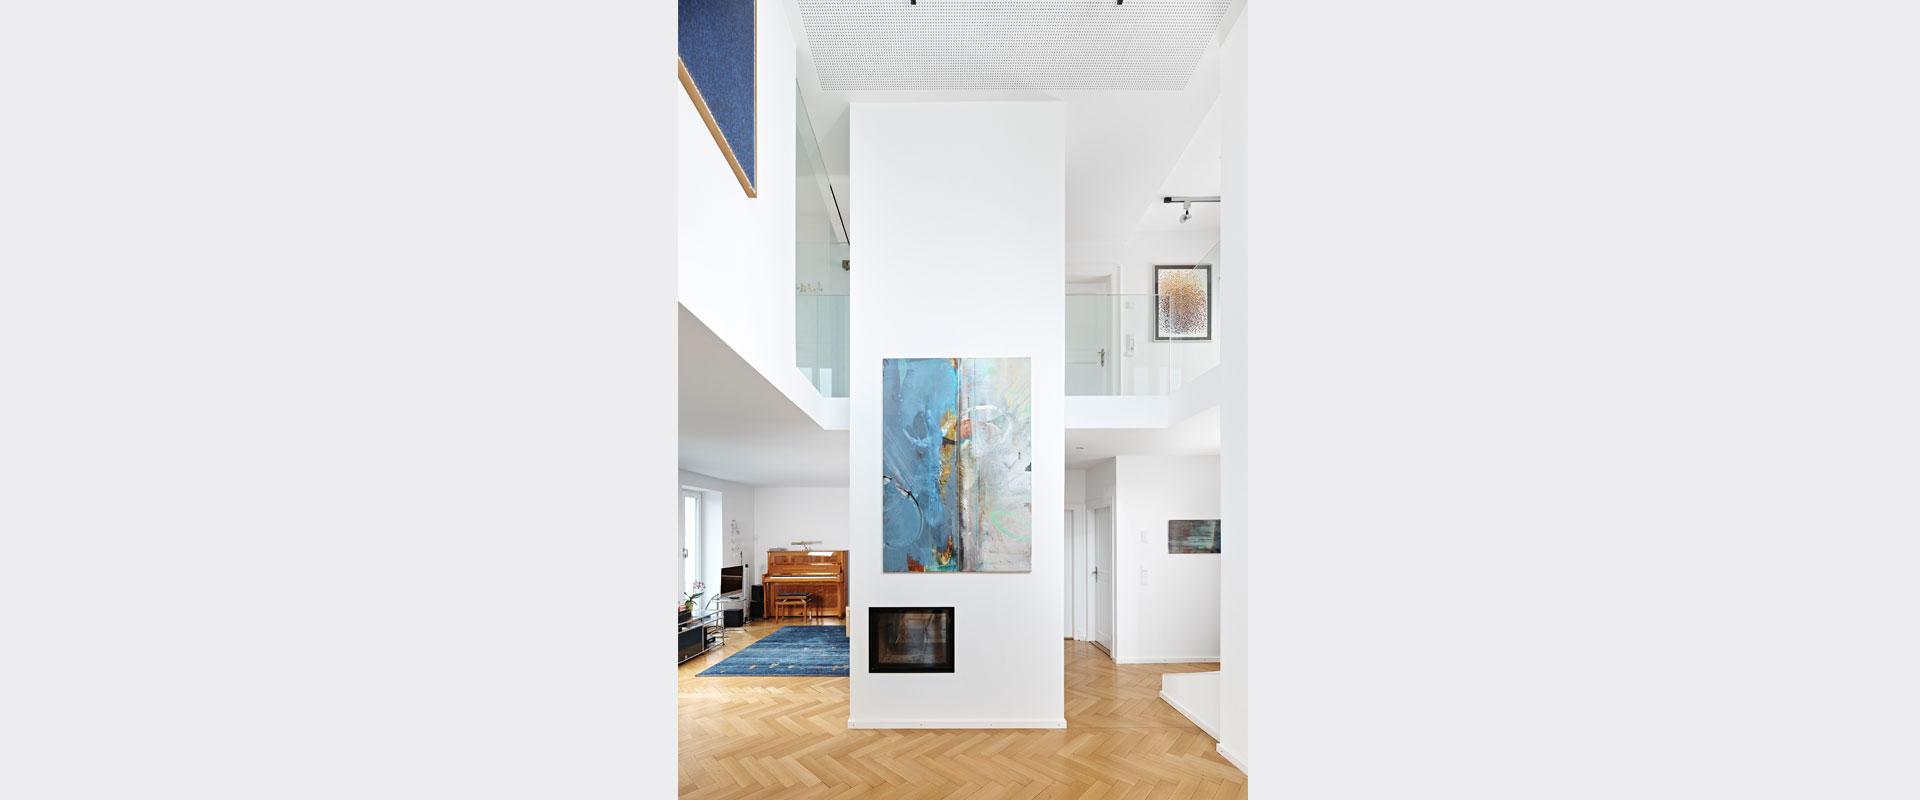 Architekturbuero_Henning_Musahl_Wohnhaus_J_08